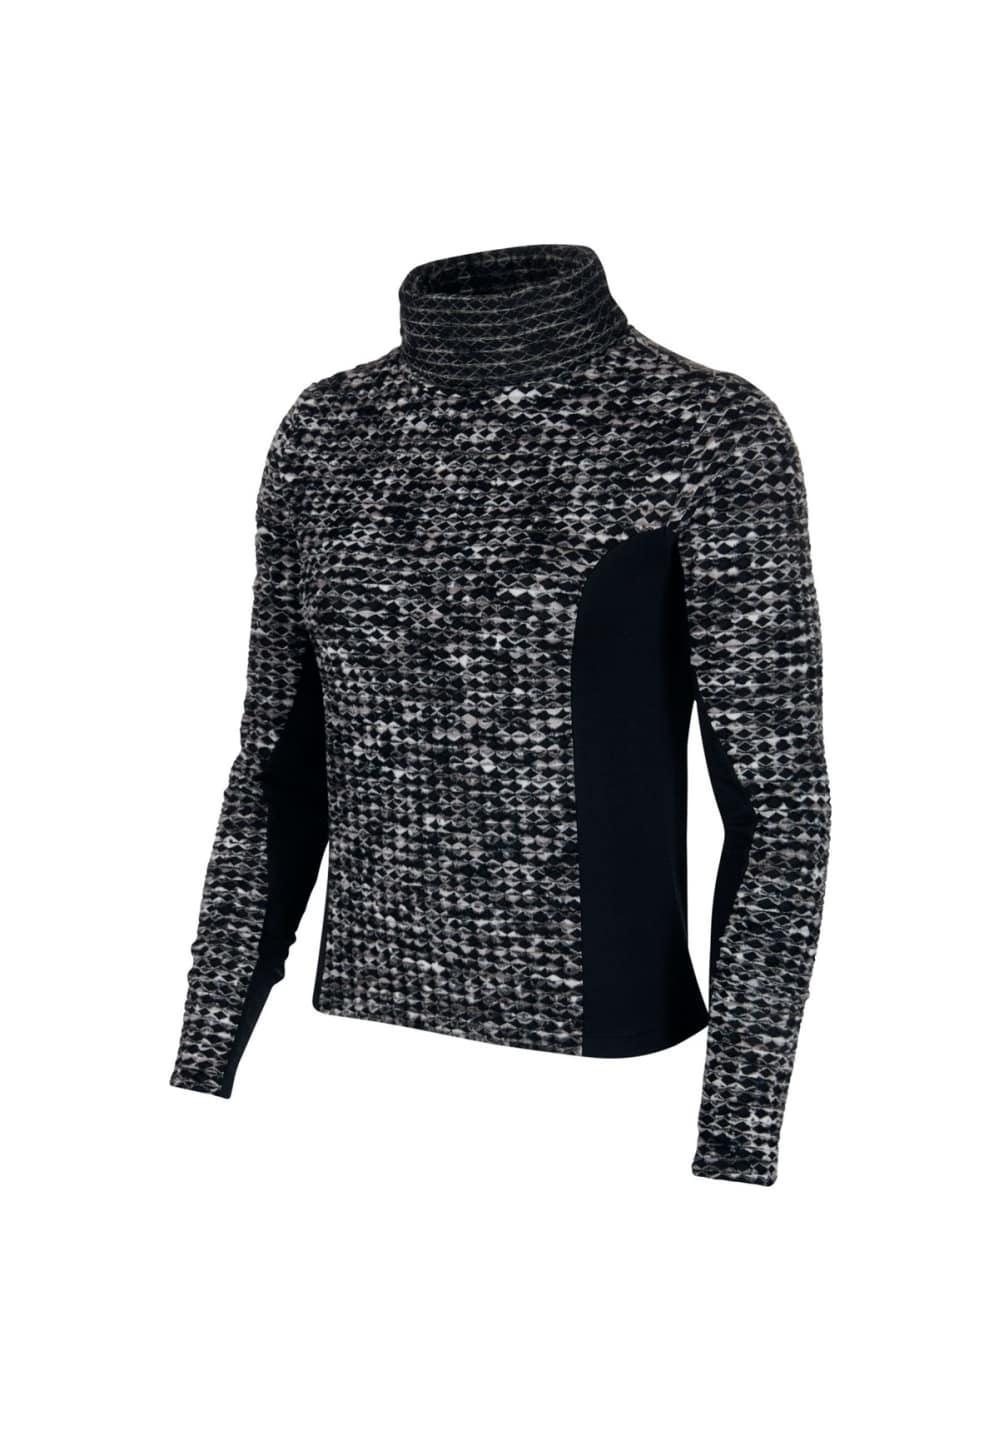 Sportmode für Frauen - Nike Pro Hyperwarm Longsleeve Laufshirts für Damen Schwarz  - Onlineshop 21Run